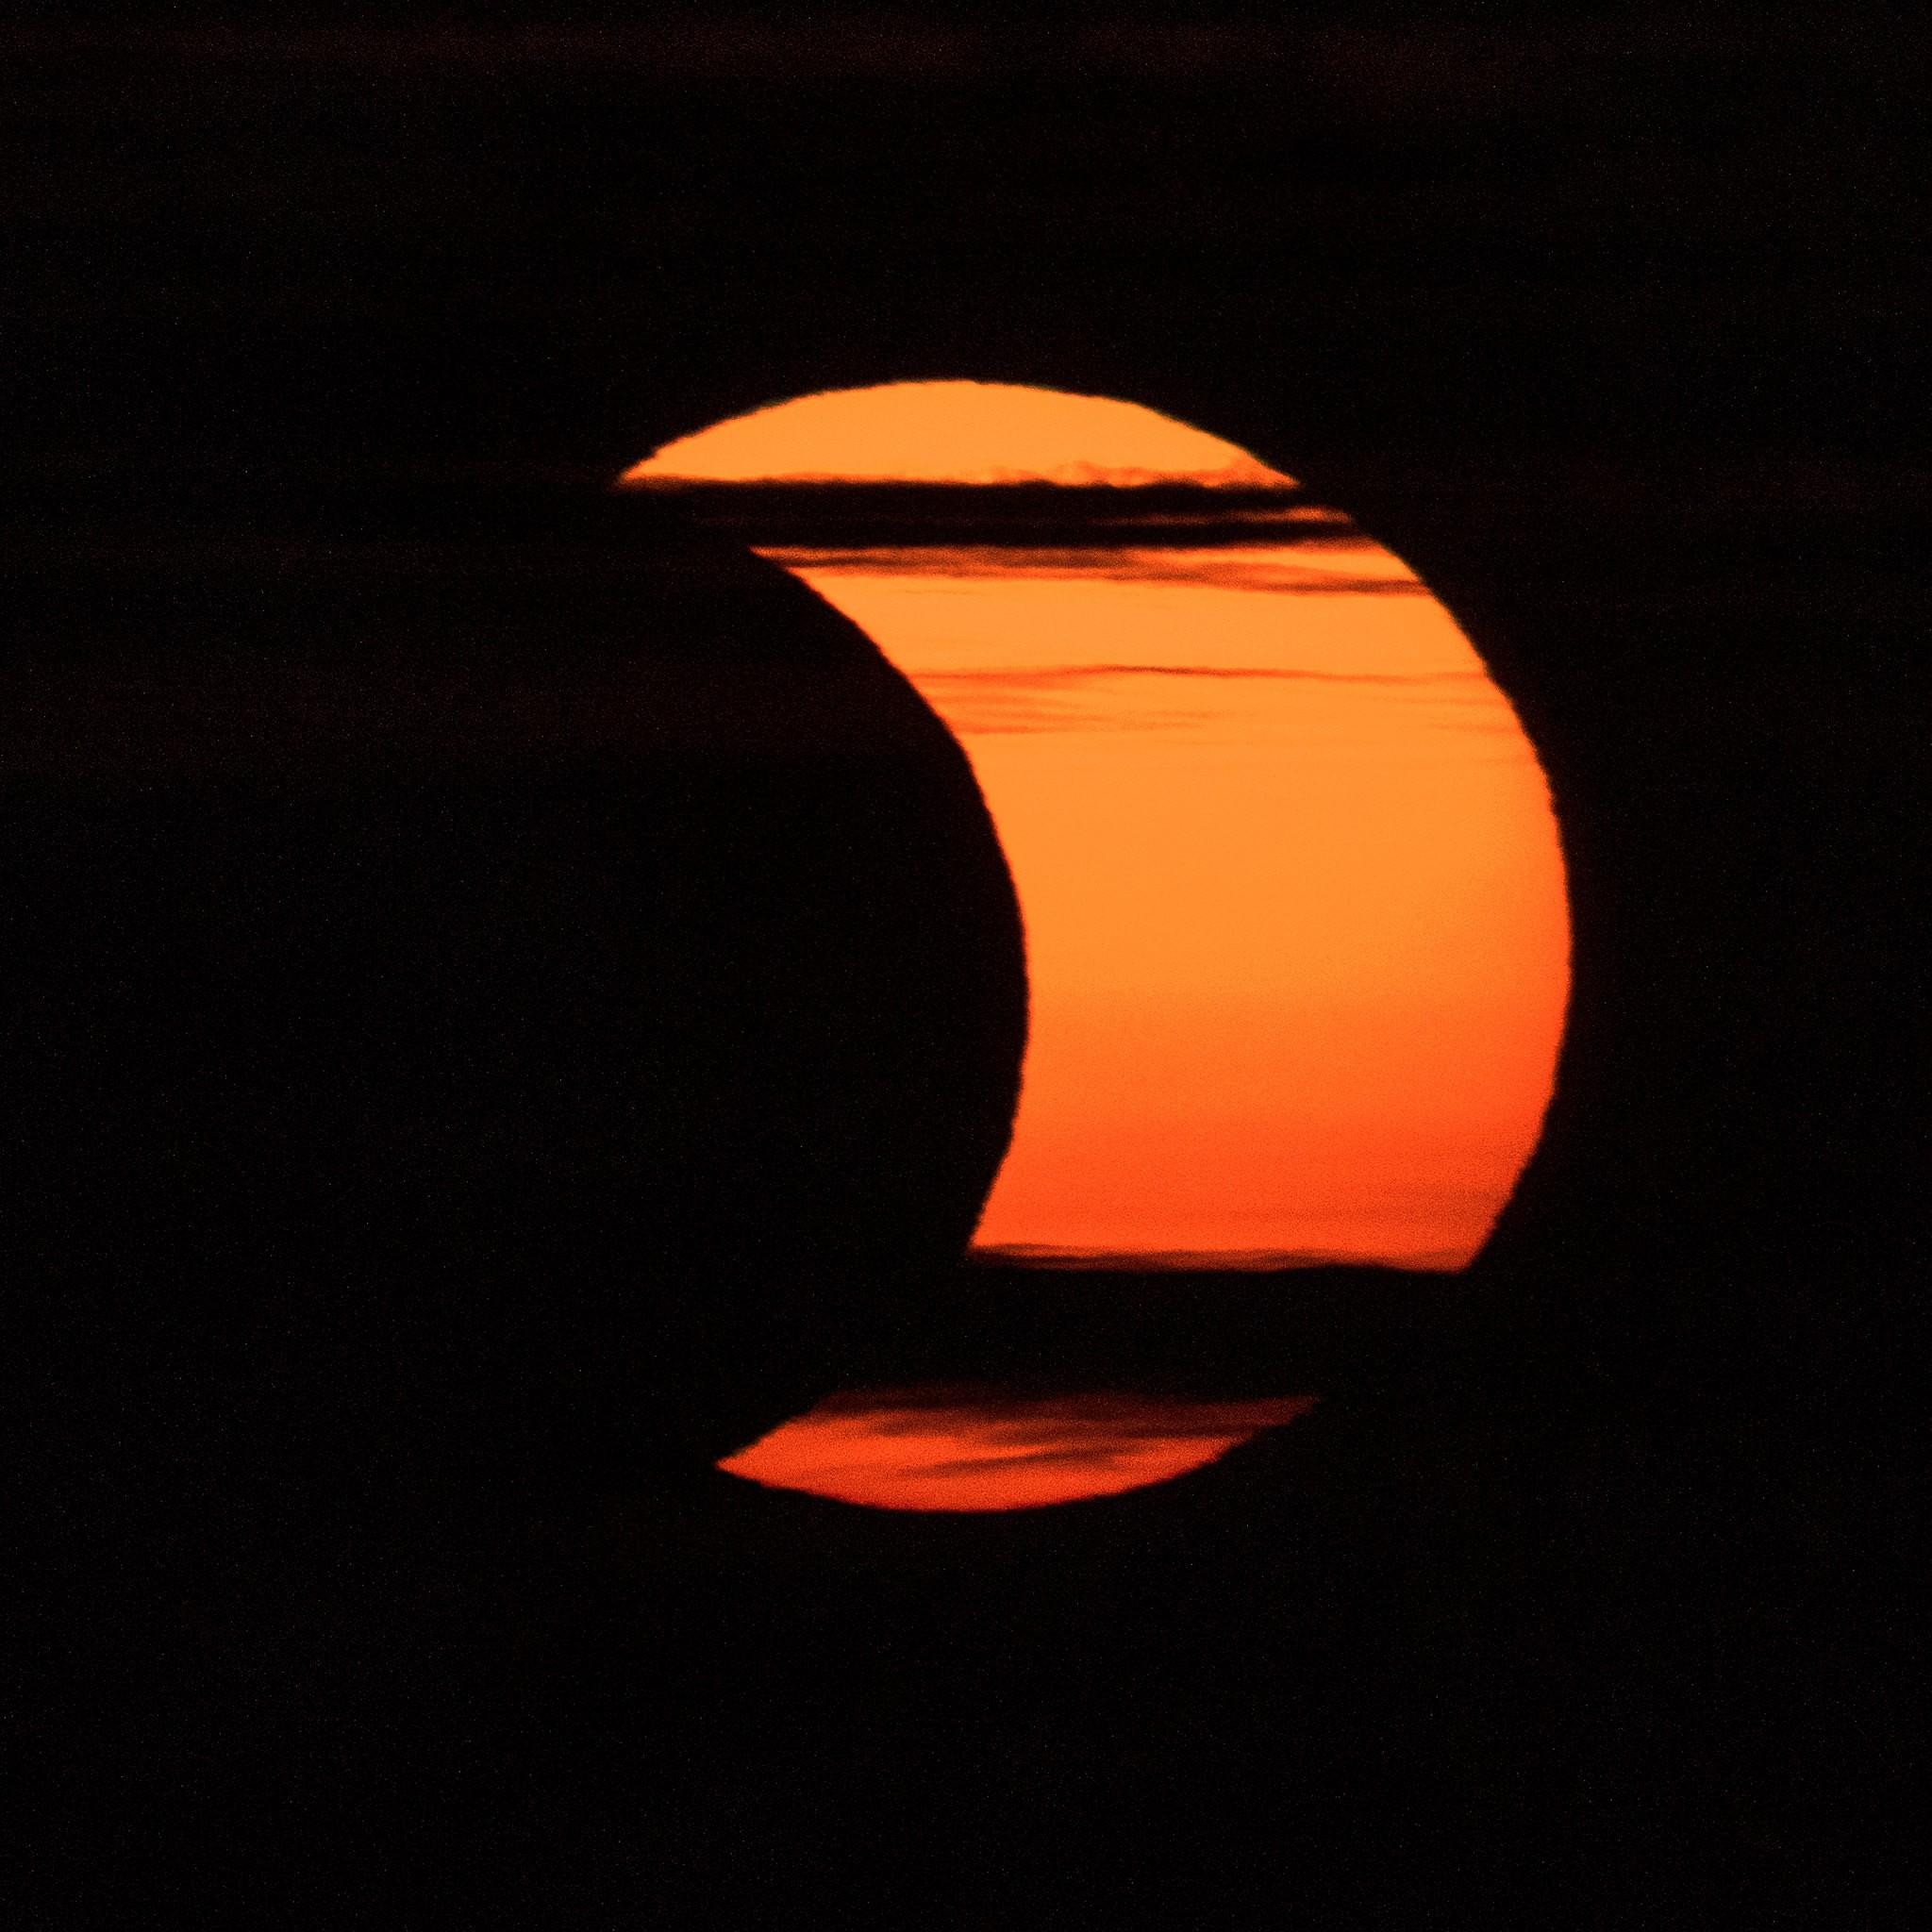 Eclipse solar anular do dia 10 de junho de 2021 visto de Arlington, Virginia (Foto: NASA/Bill Ingalls)